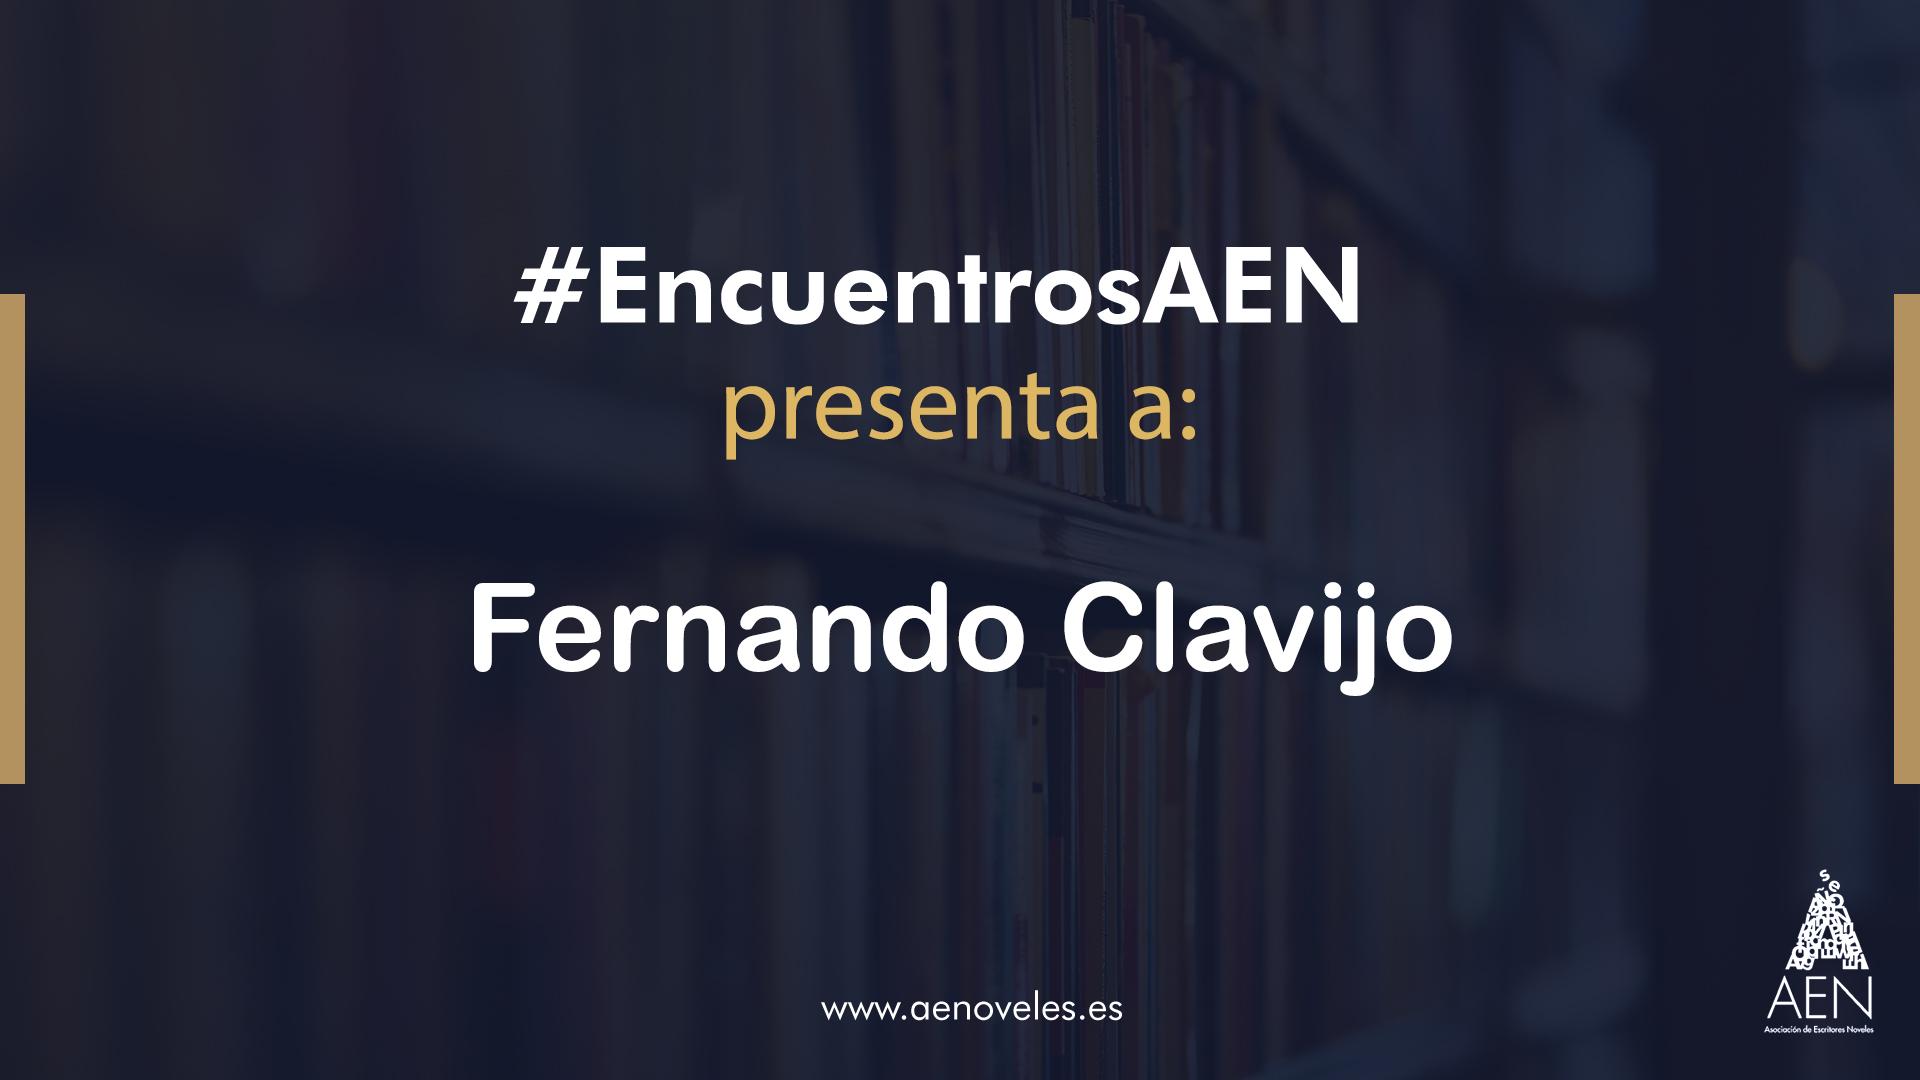 EncuentroAEN con Fernando Clavijo